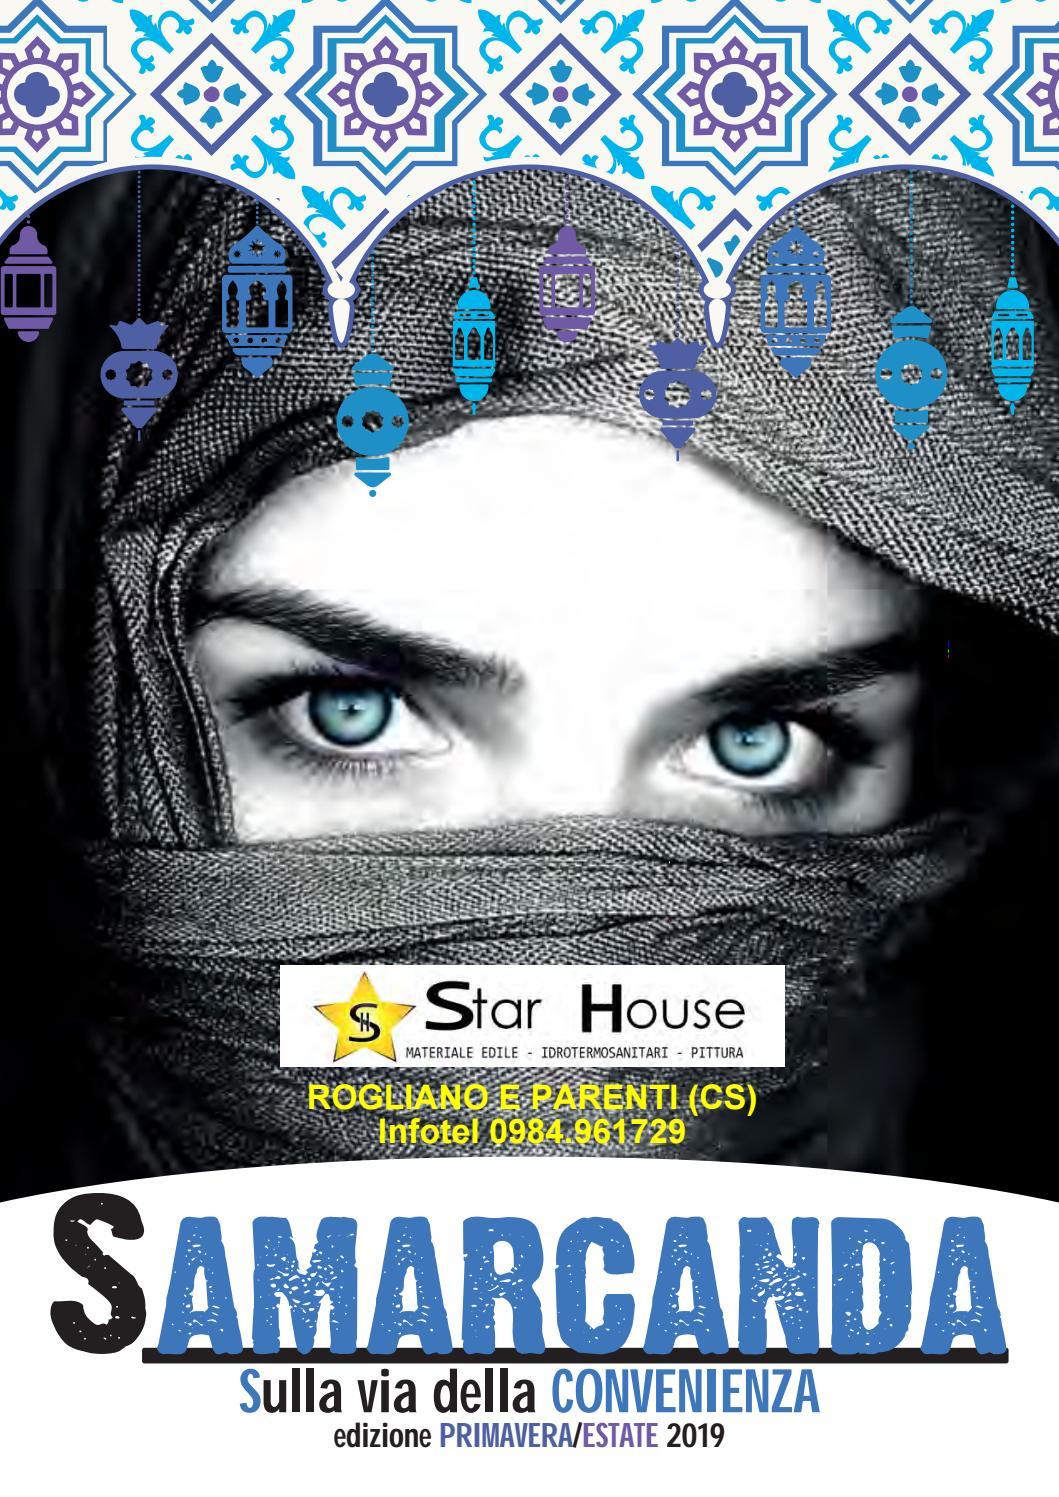 Allontanare Lucertole Dal Terrazzo star_house_srl_samarcanda_giornalino_ primavera_2019 by